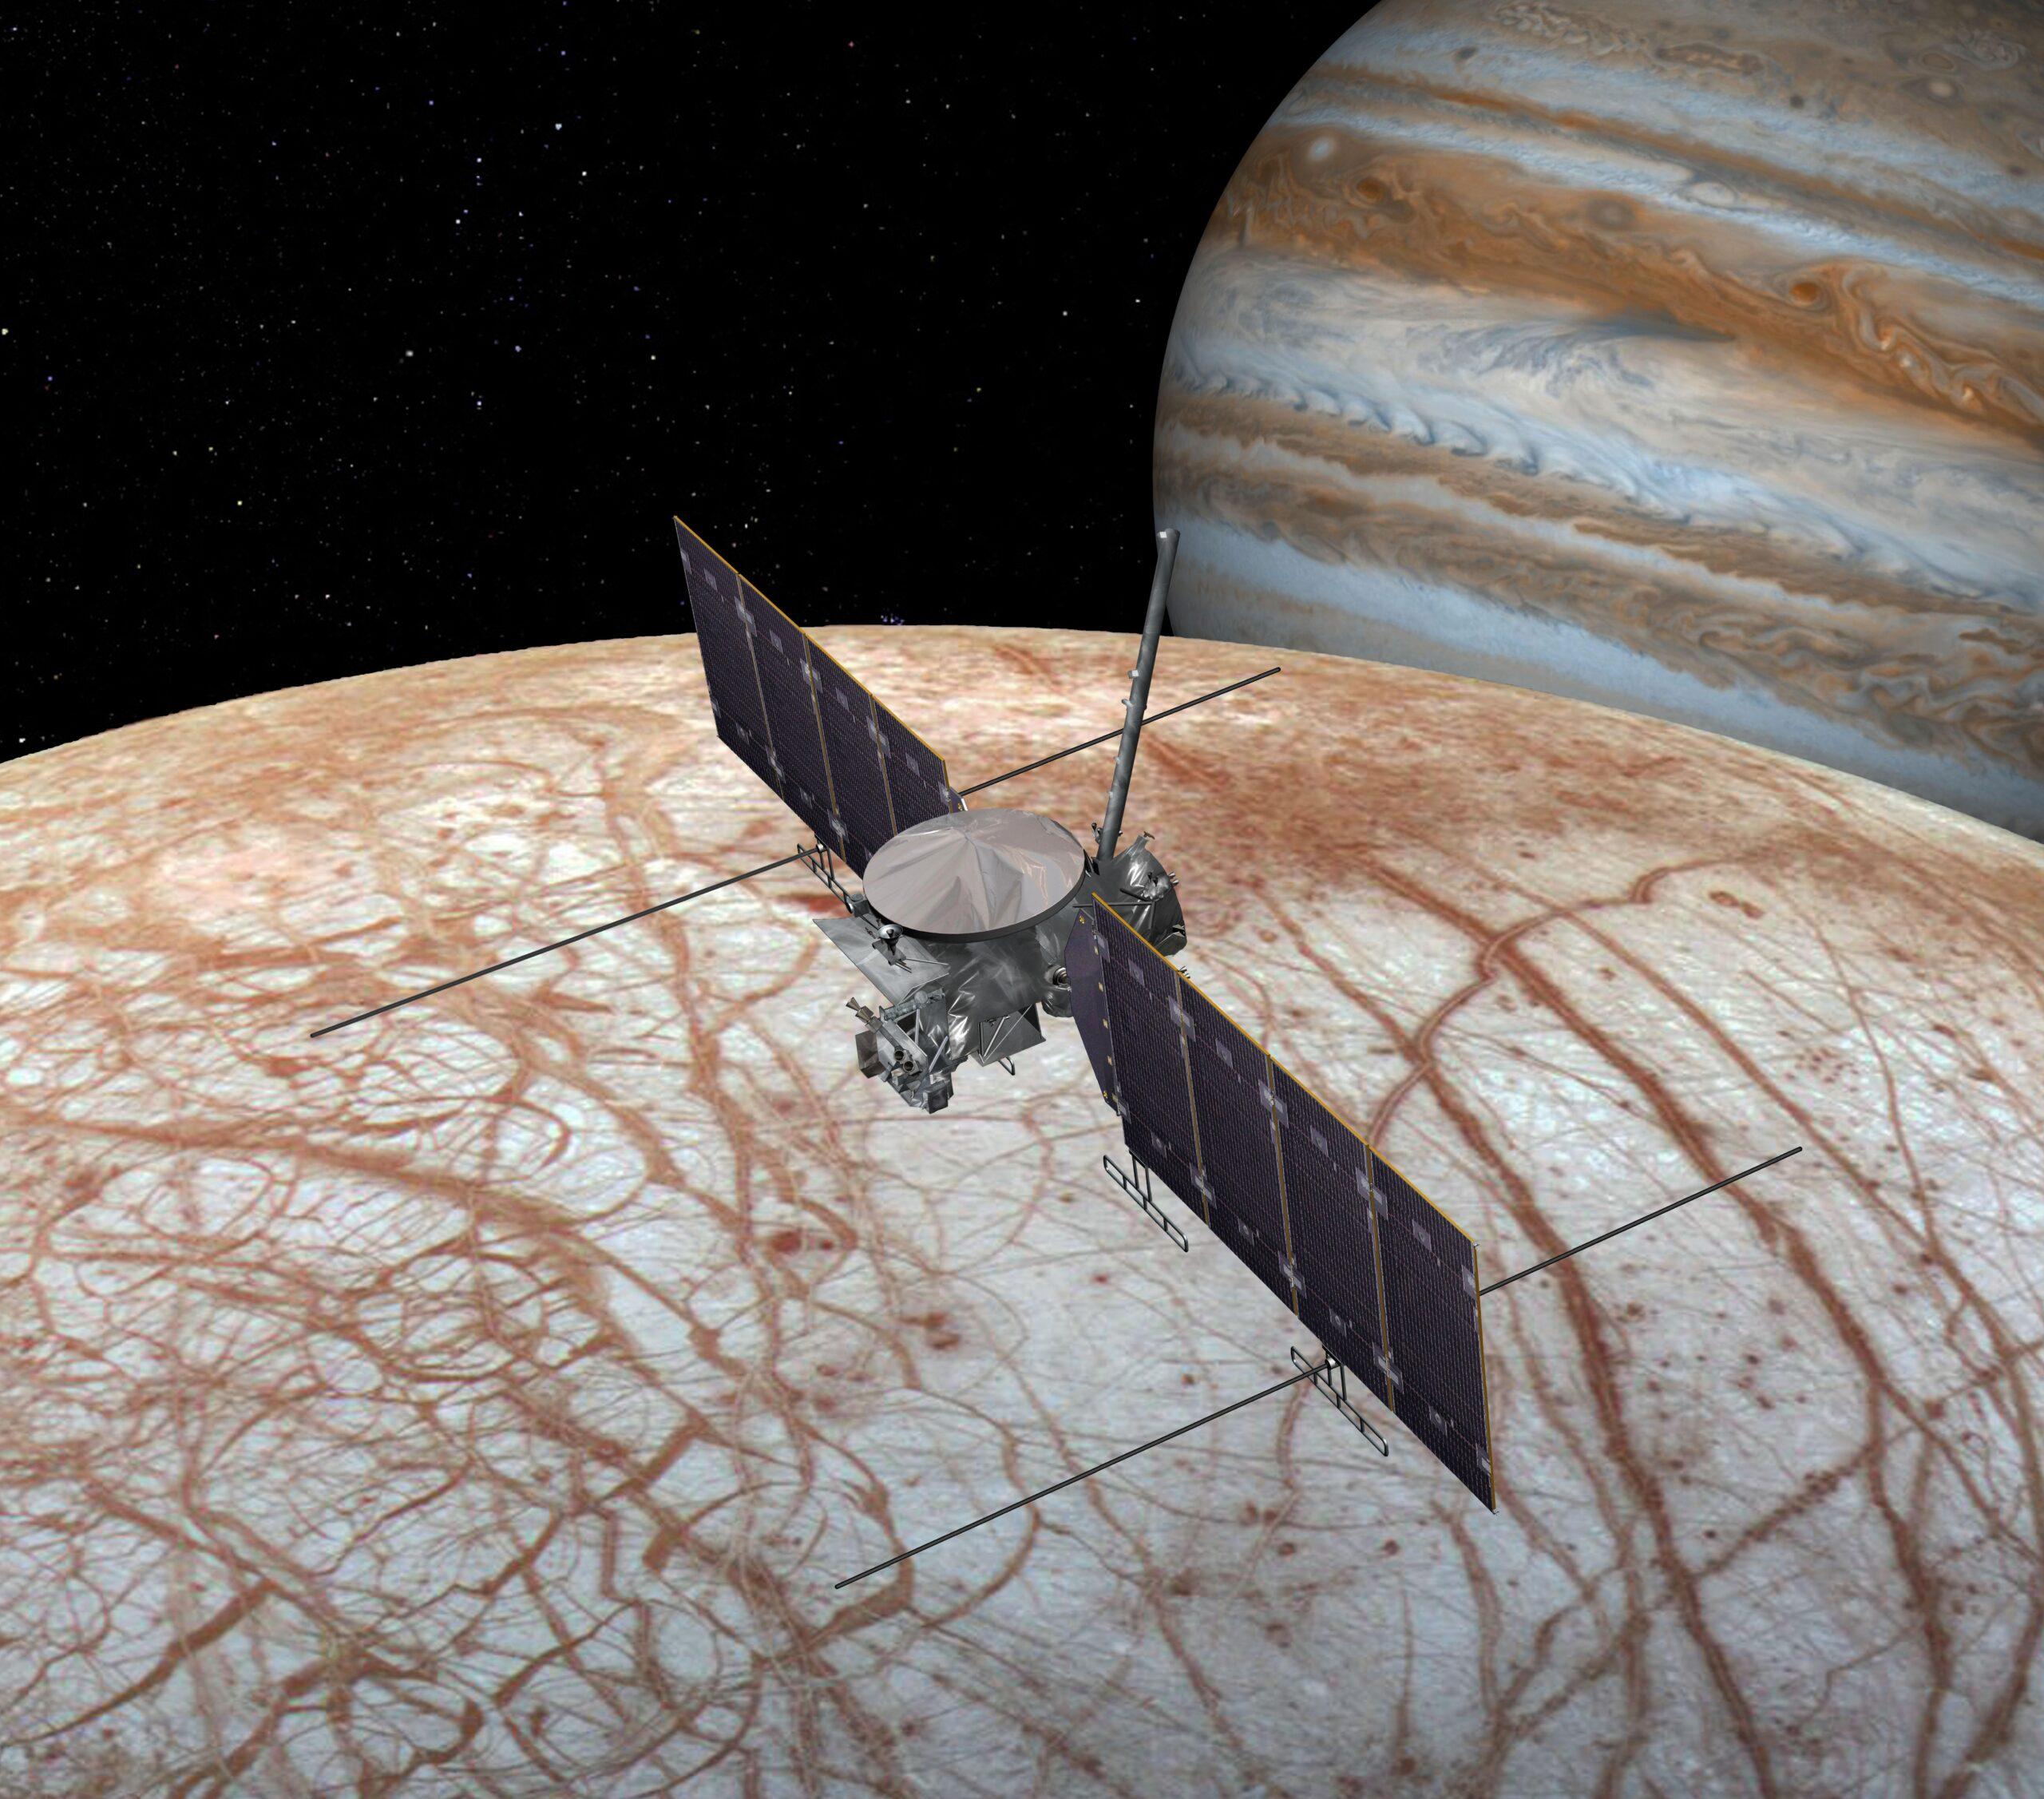 Europa Clipper, la missione per studiare uno dei satelliti di Giove